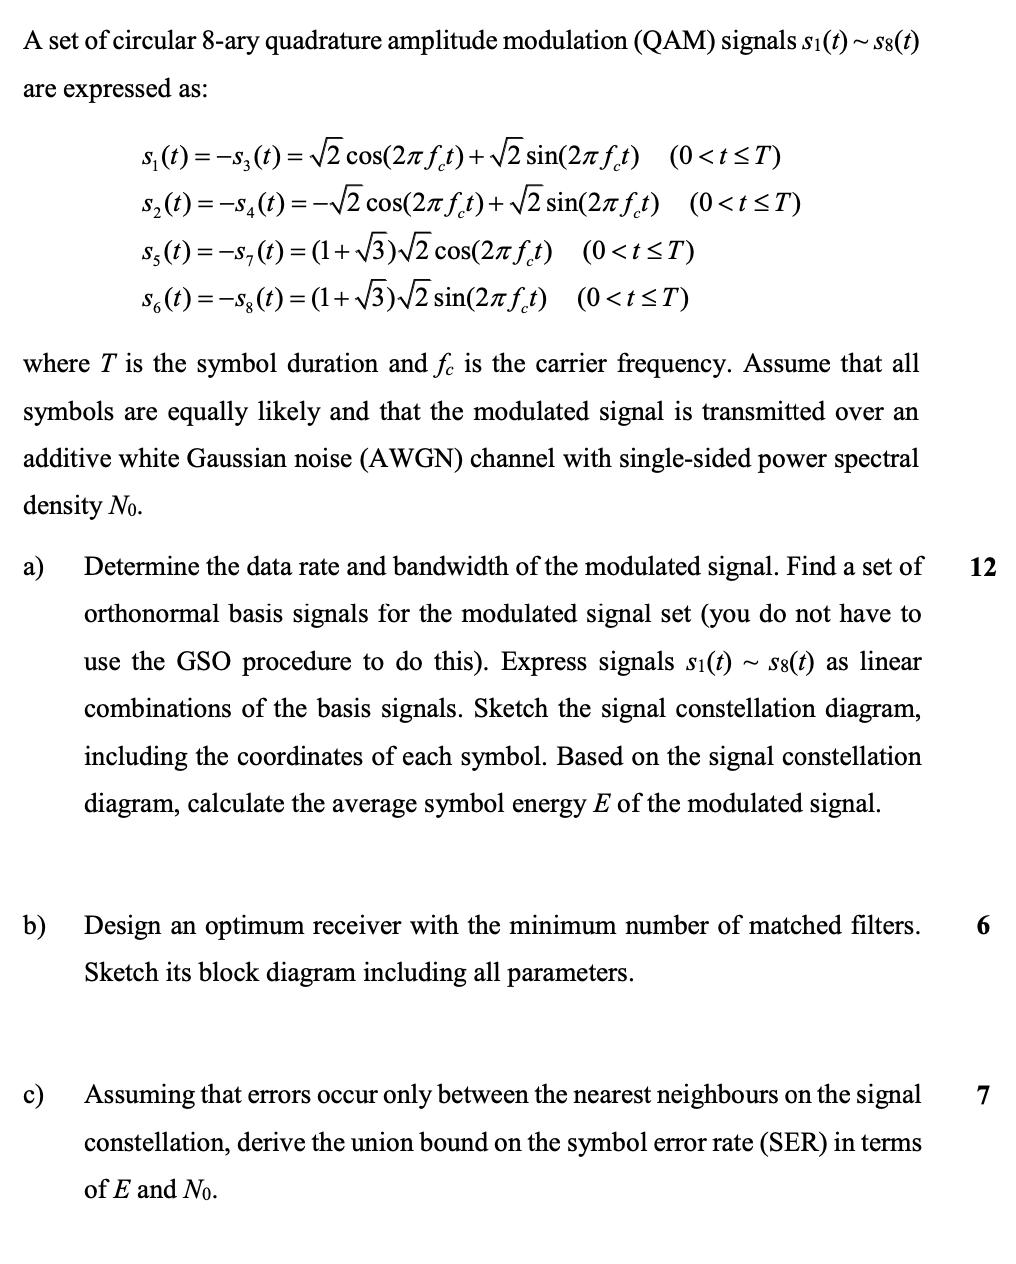 a set of circular 8-ary quadrature amplitude modul...   chegg.com  chegg